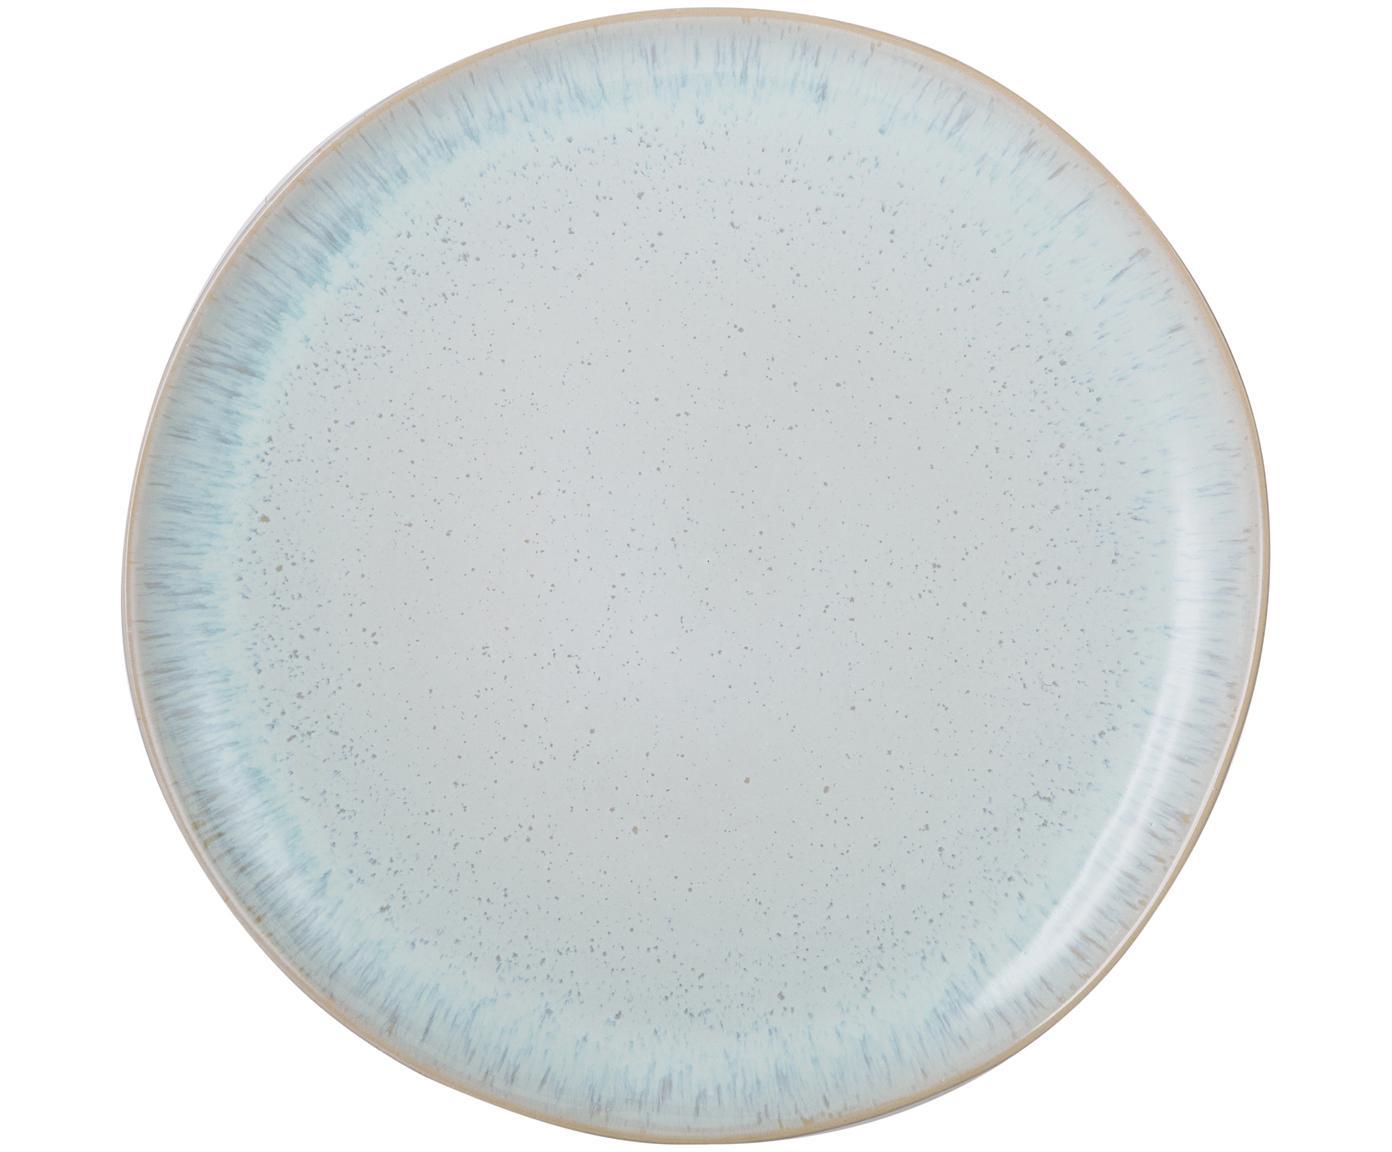 Handbemalter Speiseteller Areia, Steingut, Hellblau, Gebrochenes Weiss, Hellbeige, Ø 28 cm